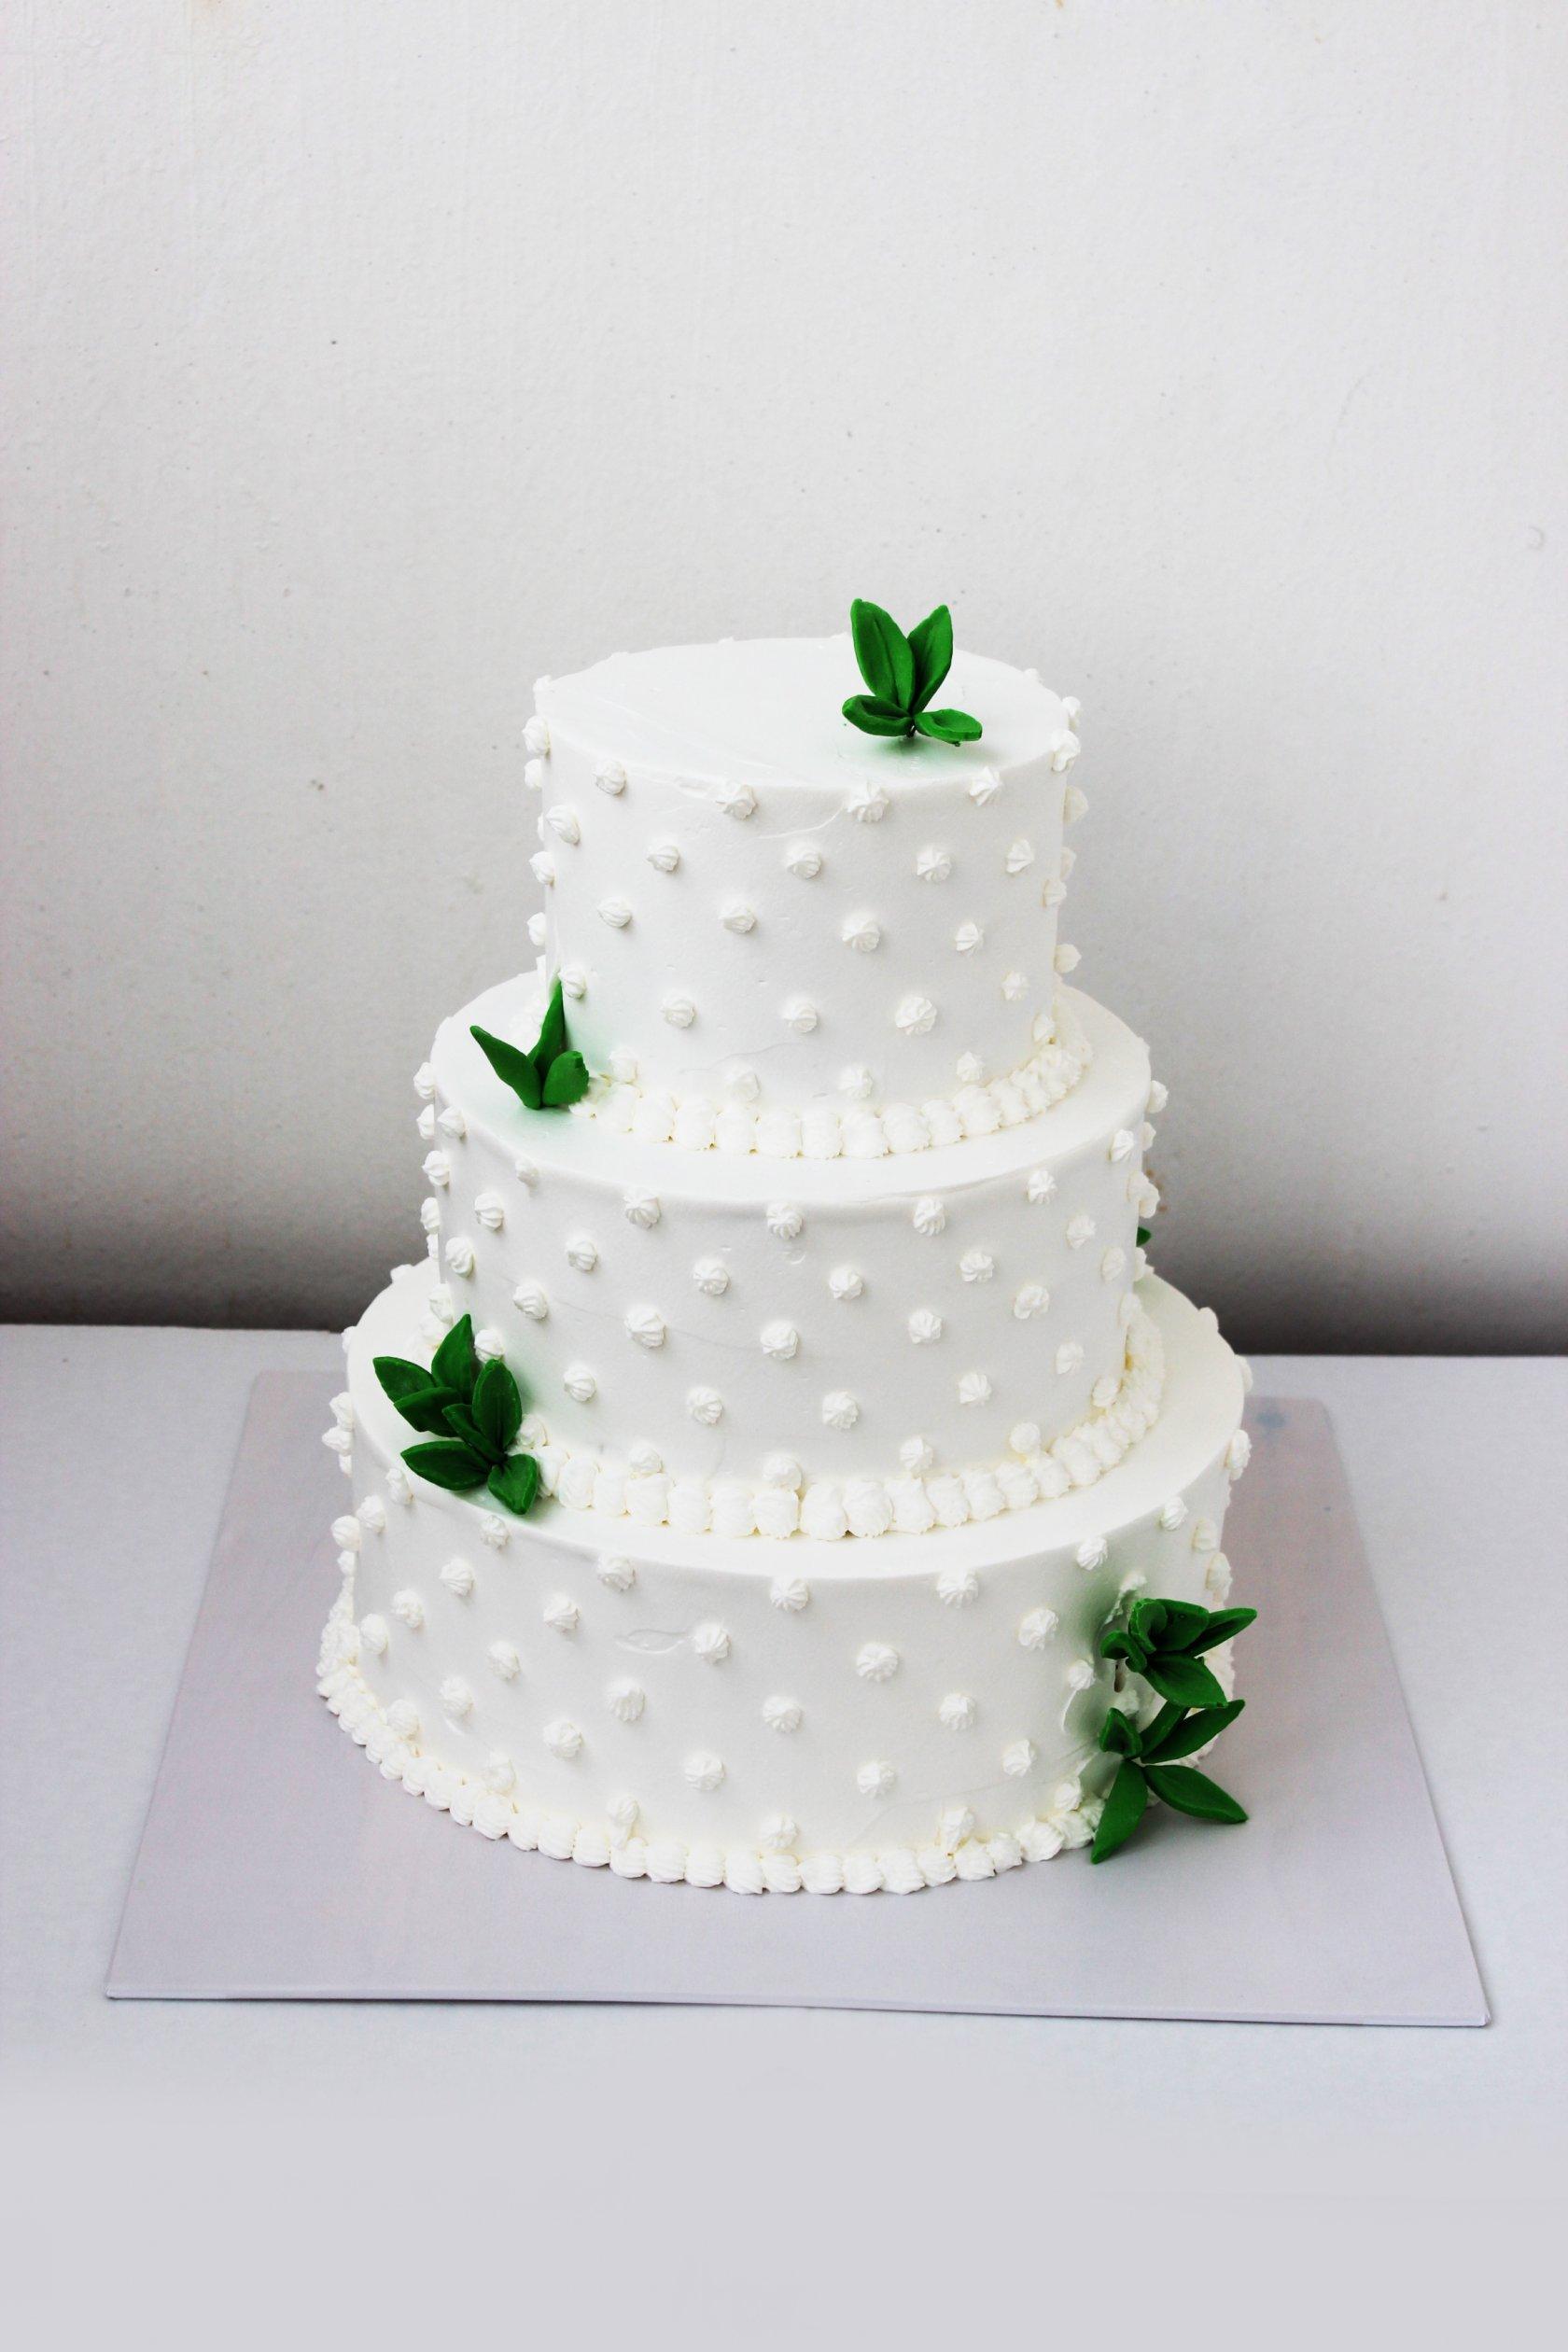 является слово, картинки свадебных тортов без мастики побеждает зло, ибо